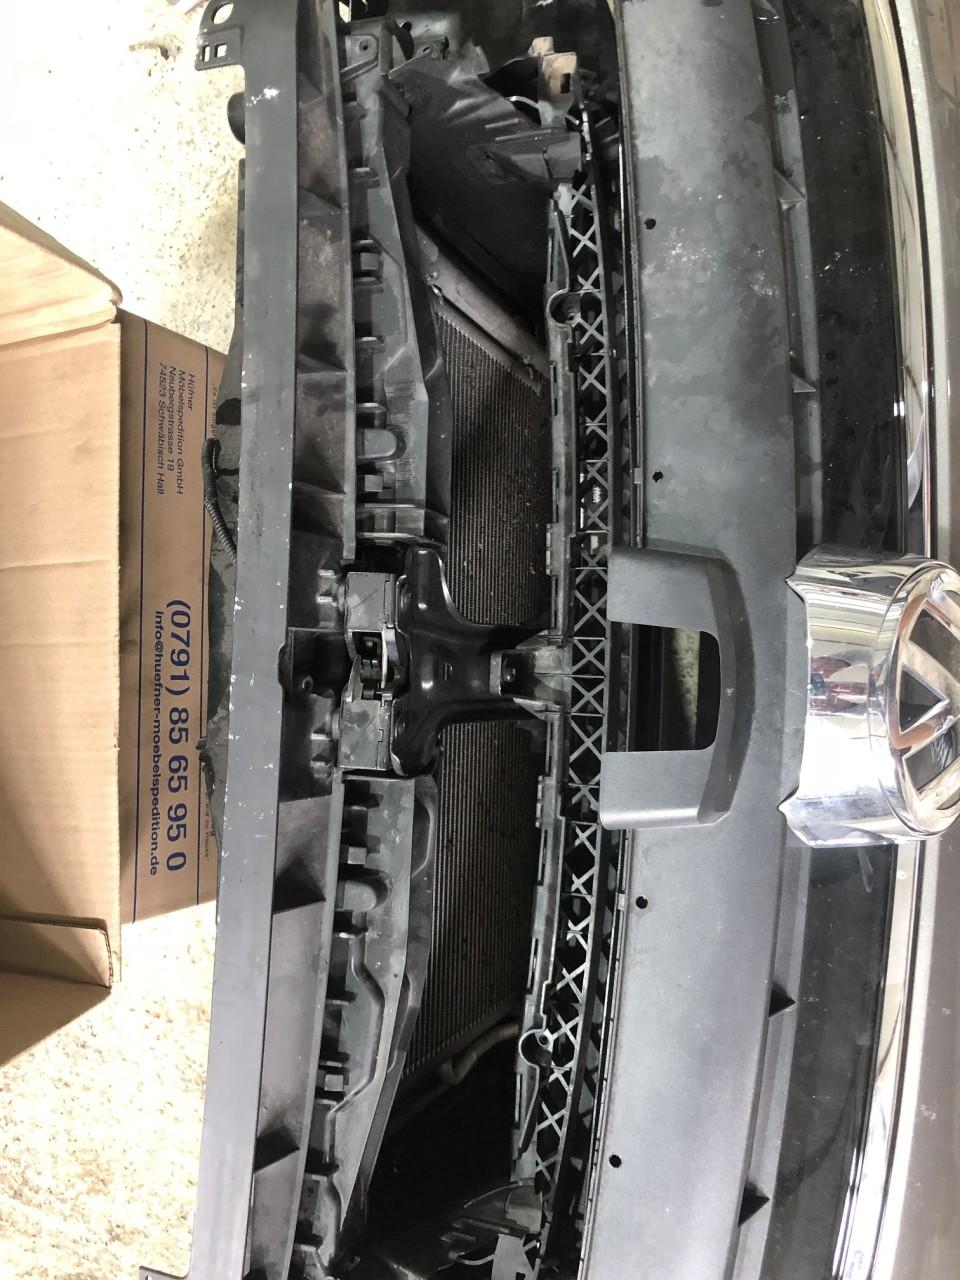 Fata completa VW Golf 7 R-Line 1,6 tdi 2015